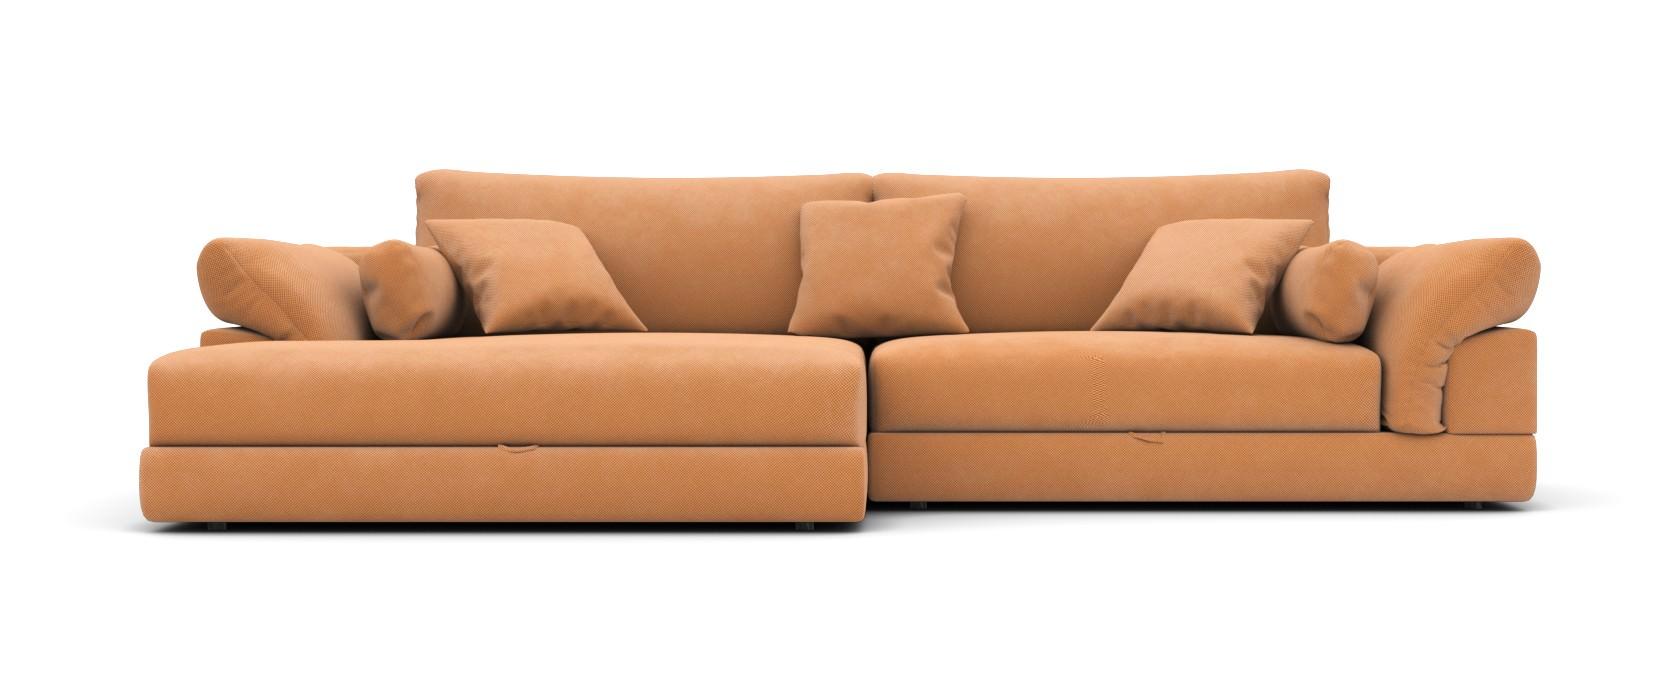 Угловой диван Claudia - Фото 1 - Pufetto